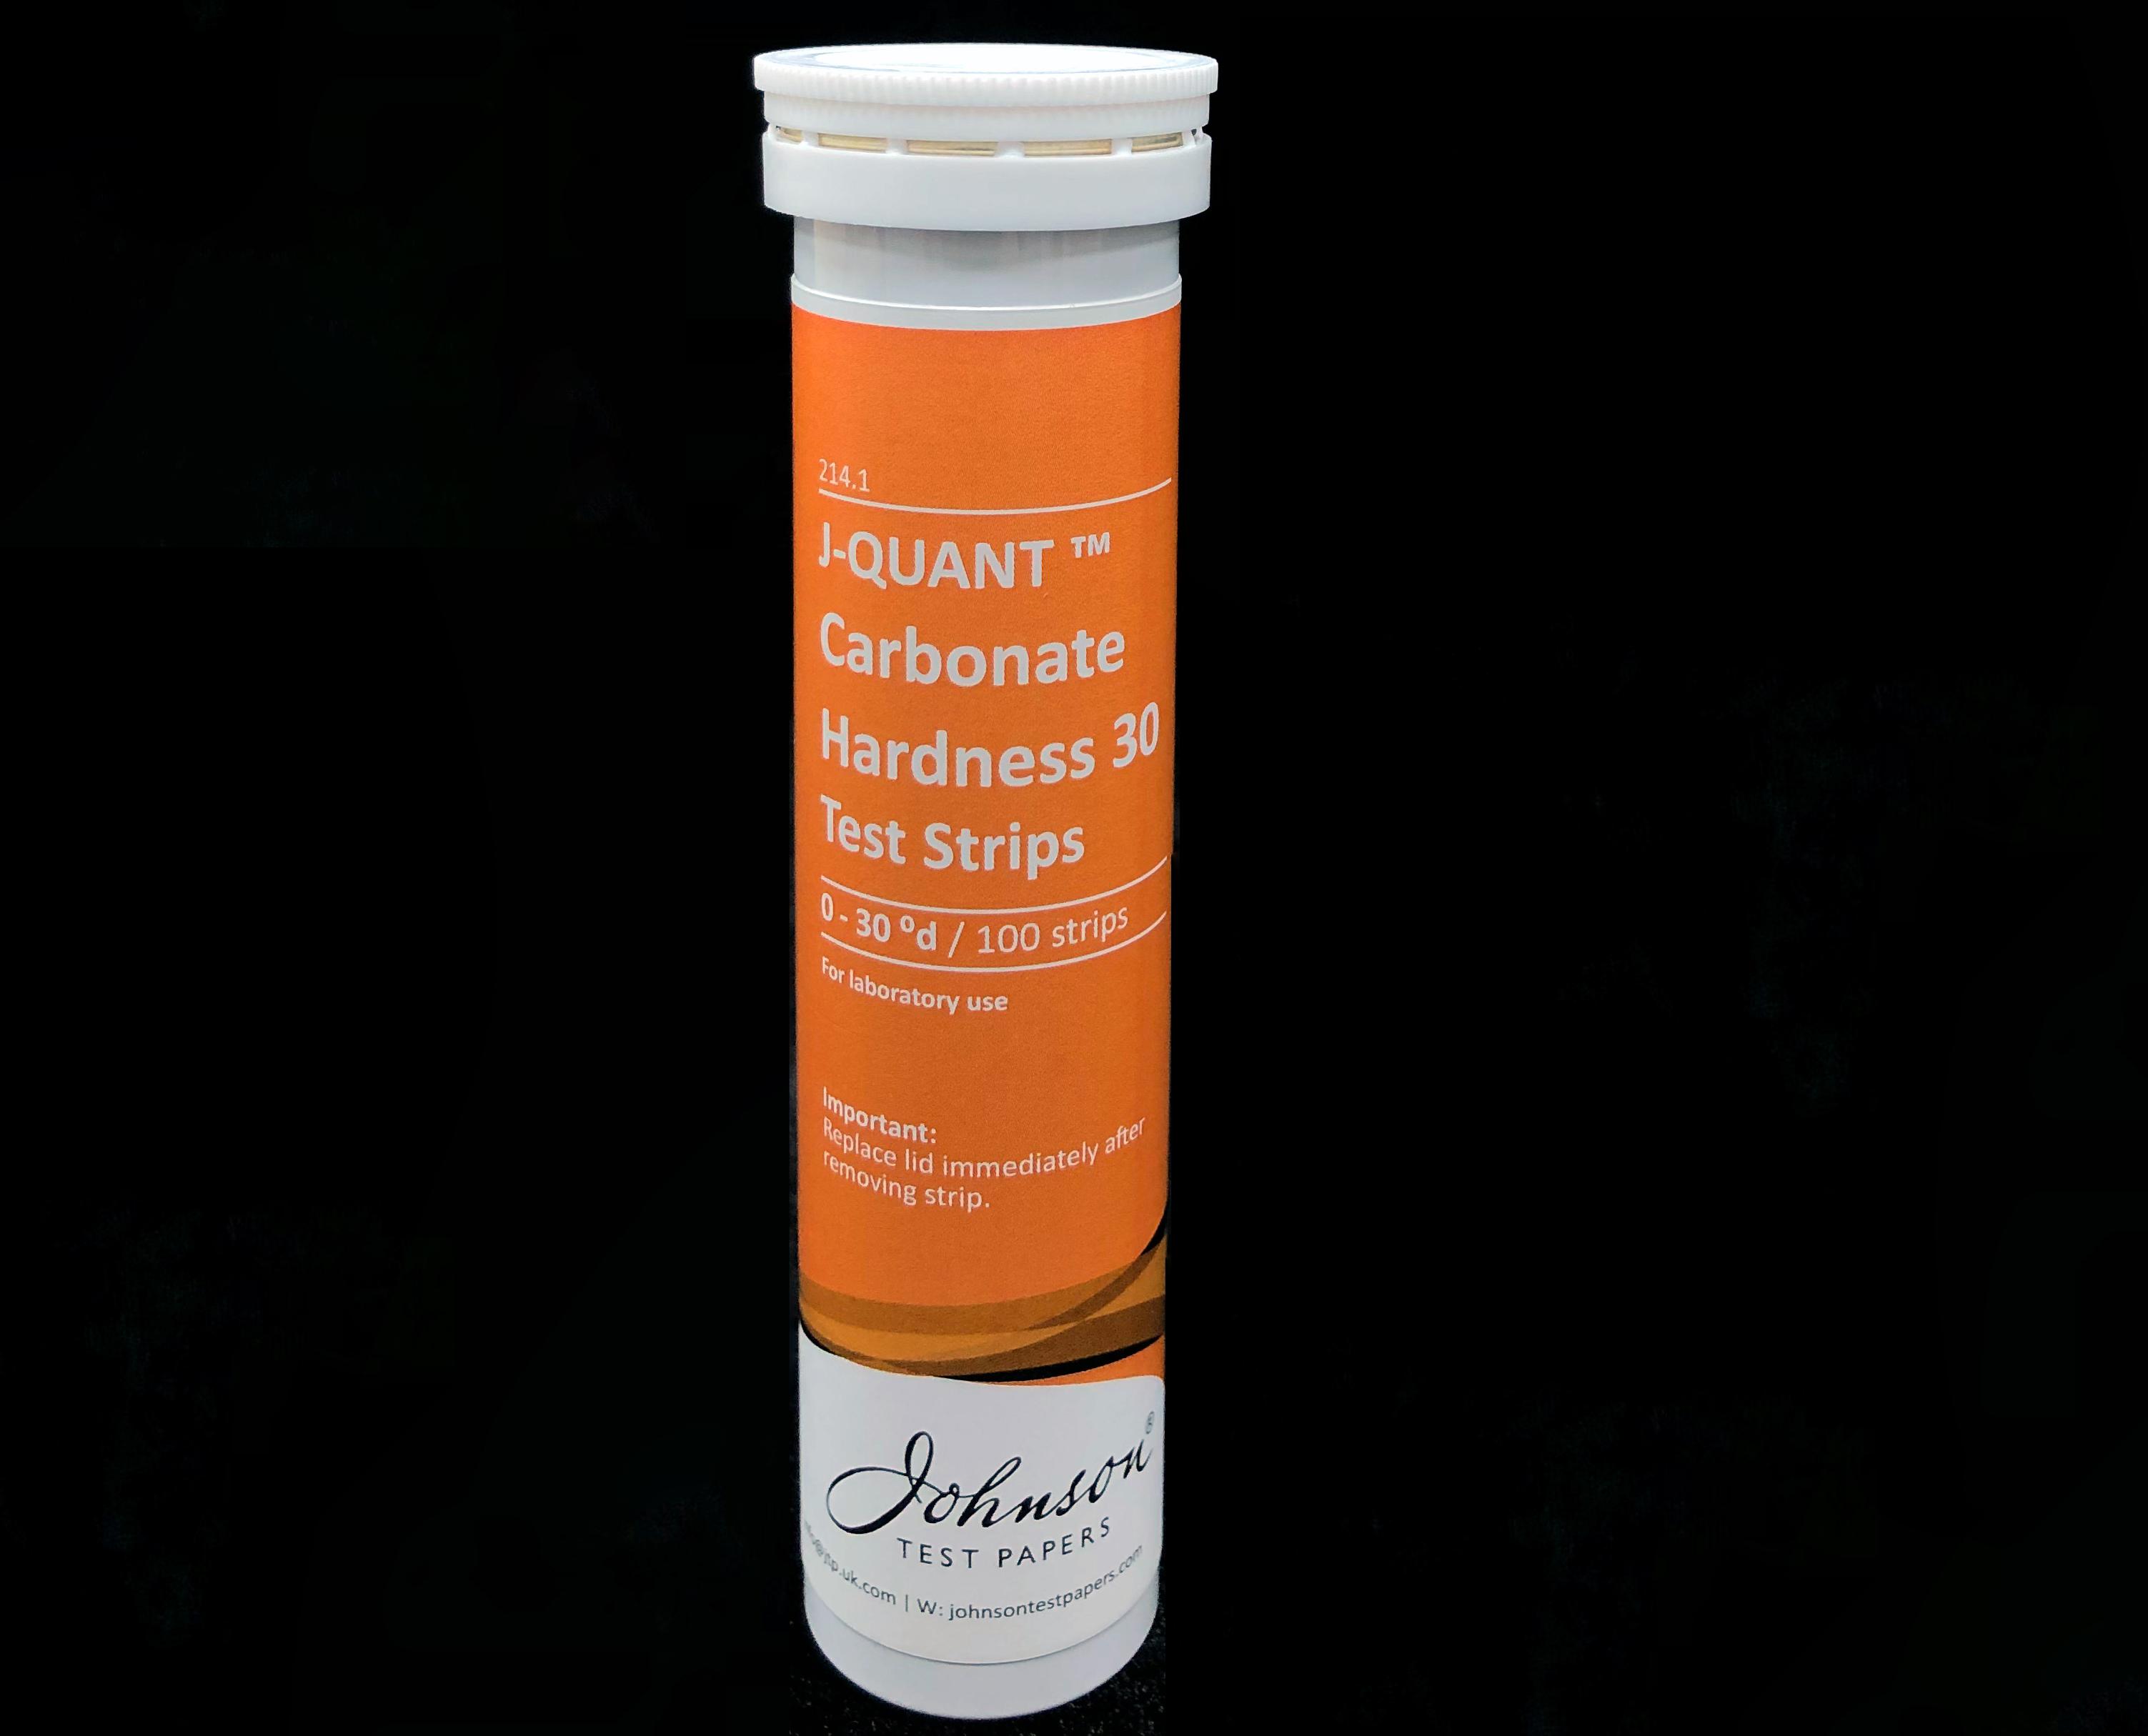 J-QUANT<sup>®</sup> Carbonate Hardness